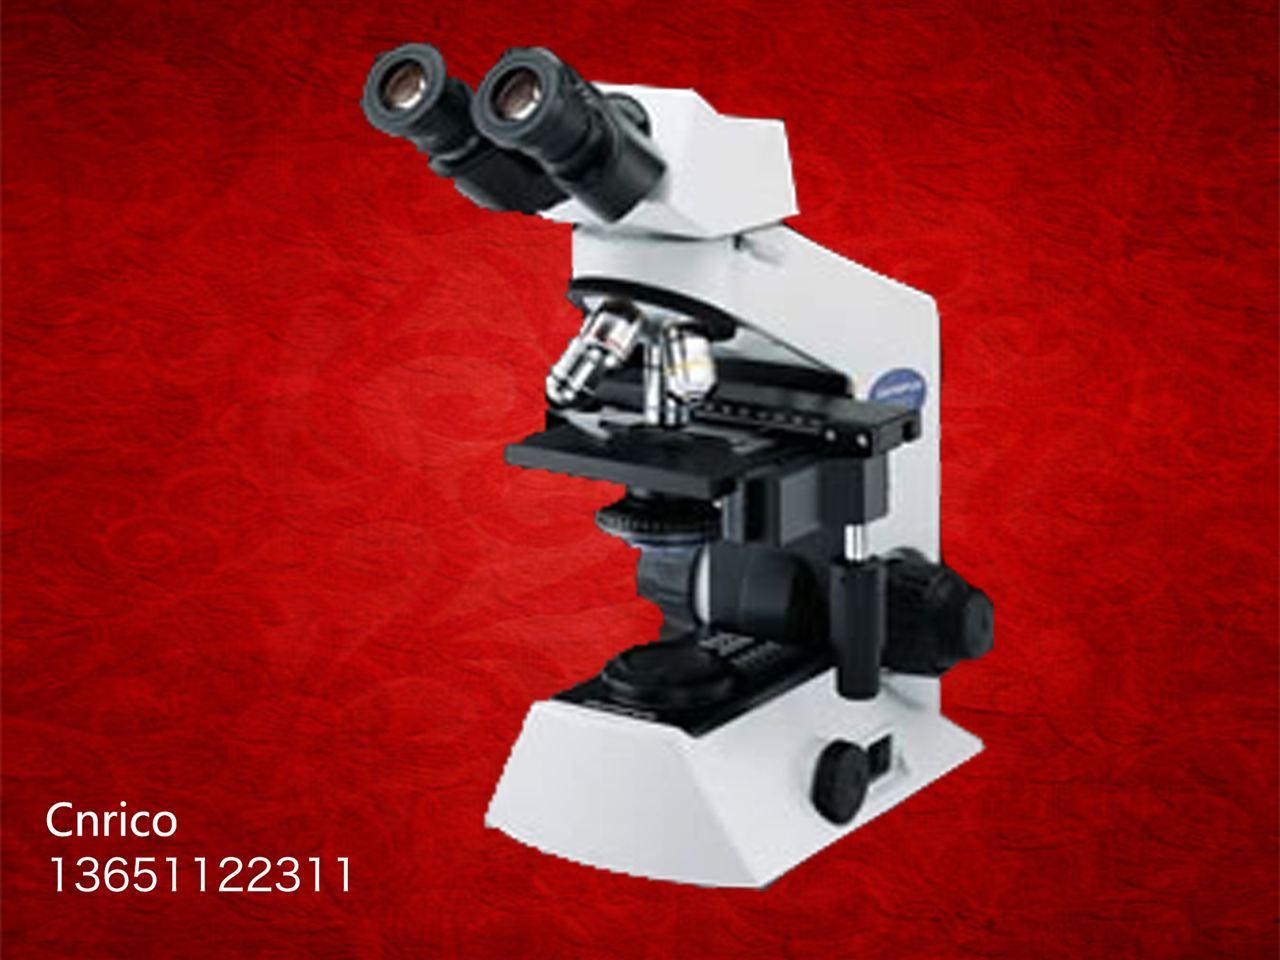 双目生物显微镜适用于医疗卫生机构,实验室,研究所及高等学校等单位.